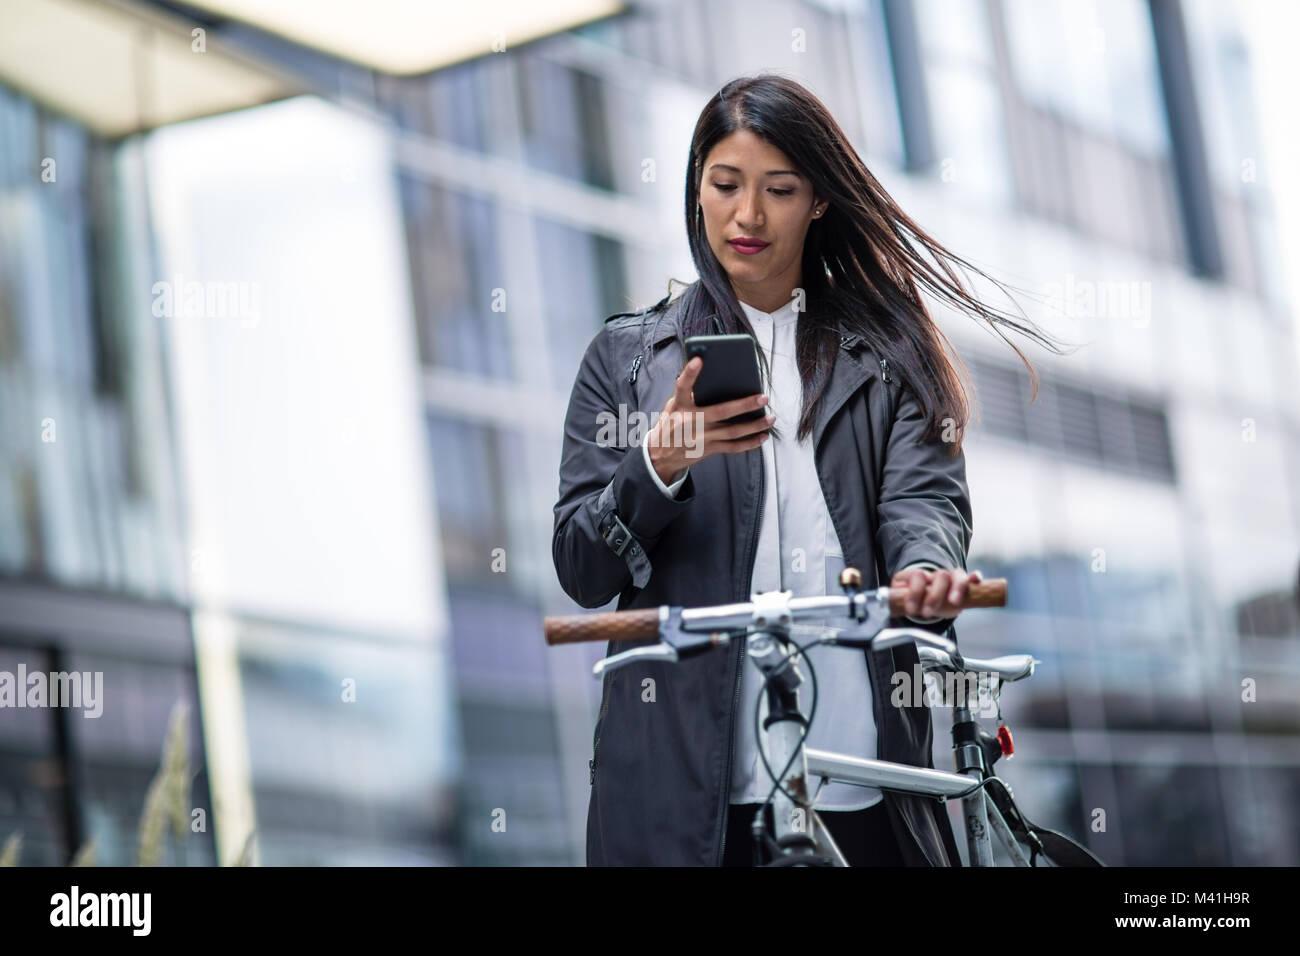 La empresaria ir en bicicleta al trabajo utilizando el smartphone Imagen De Stock